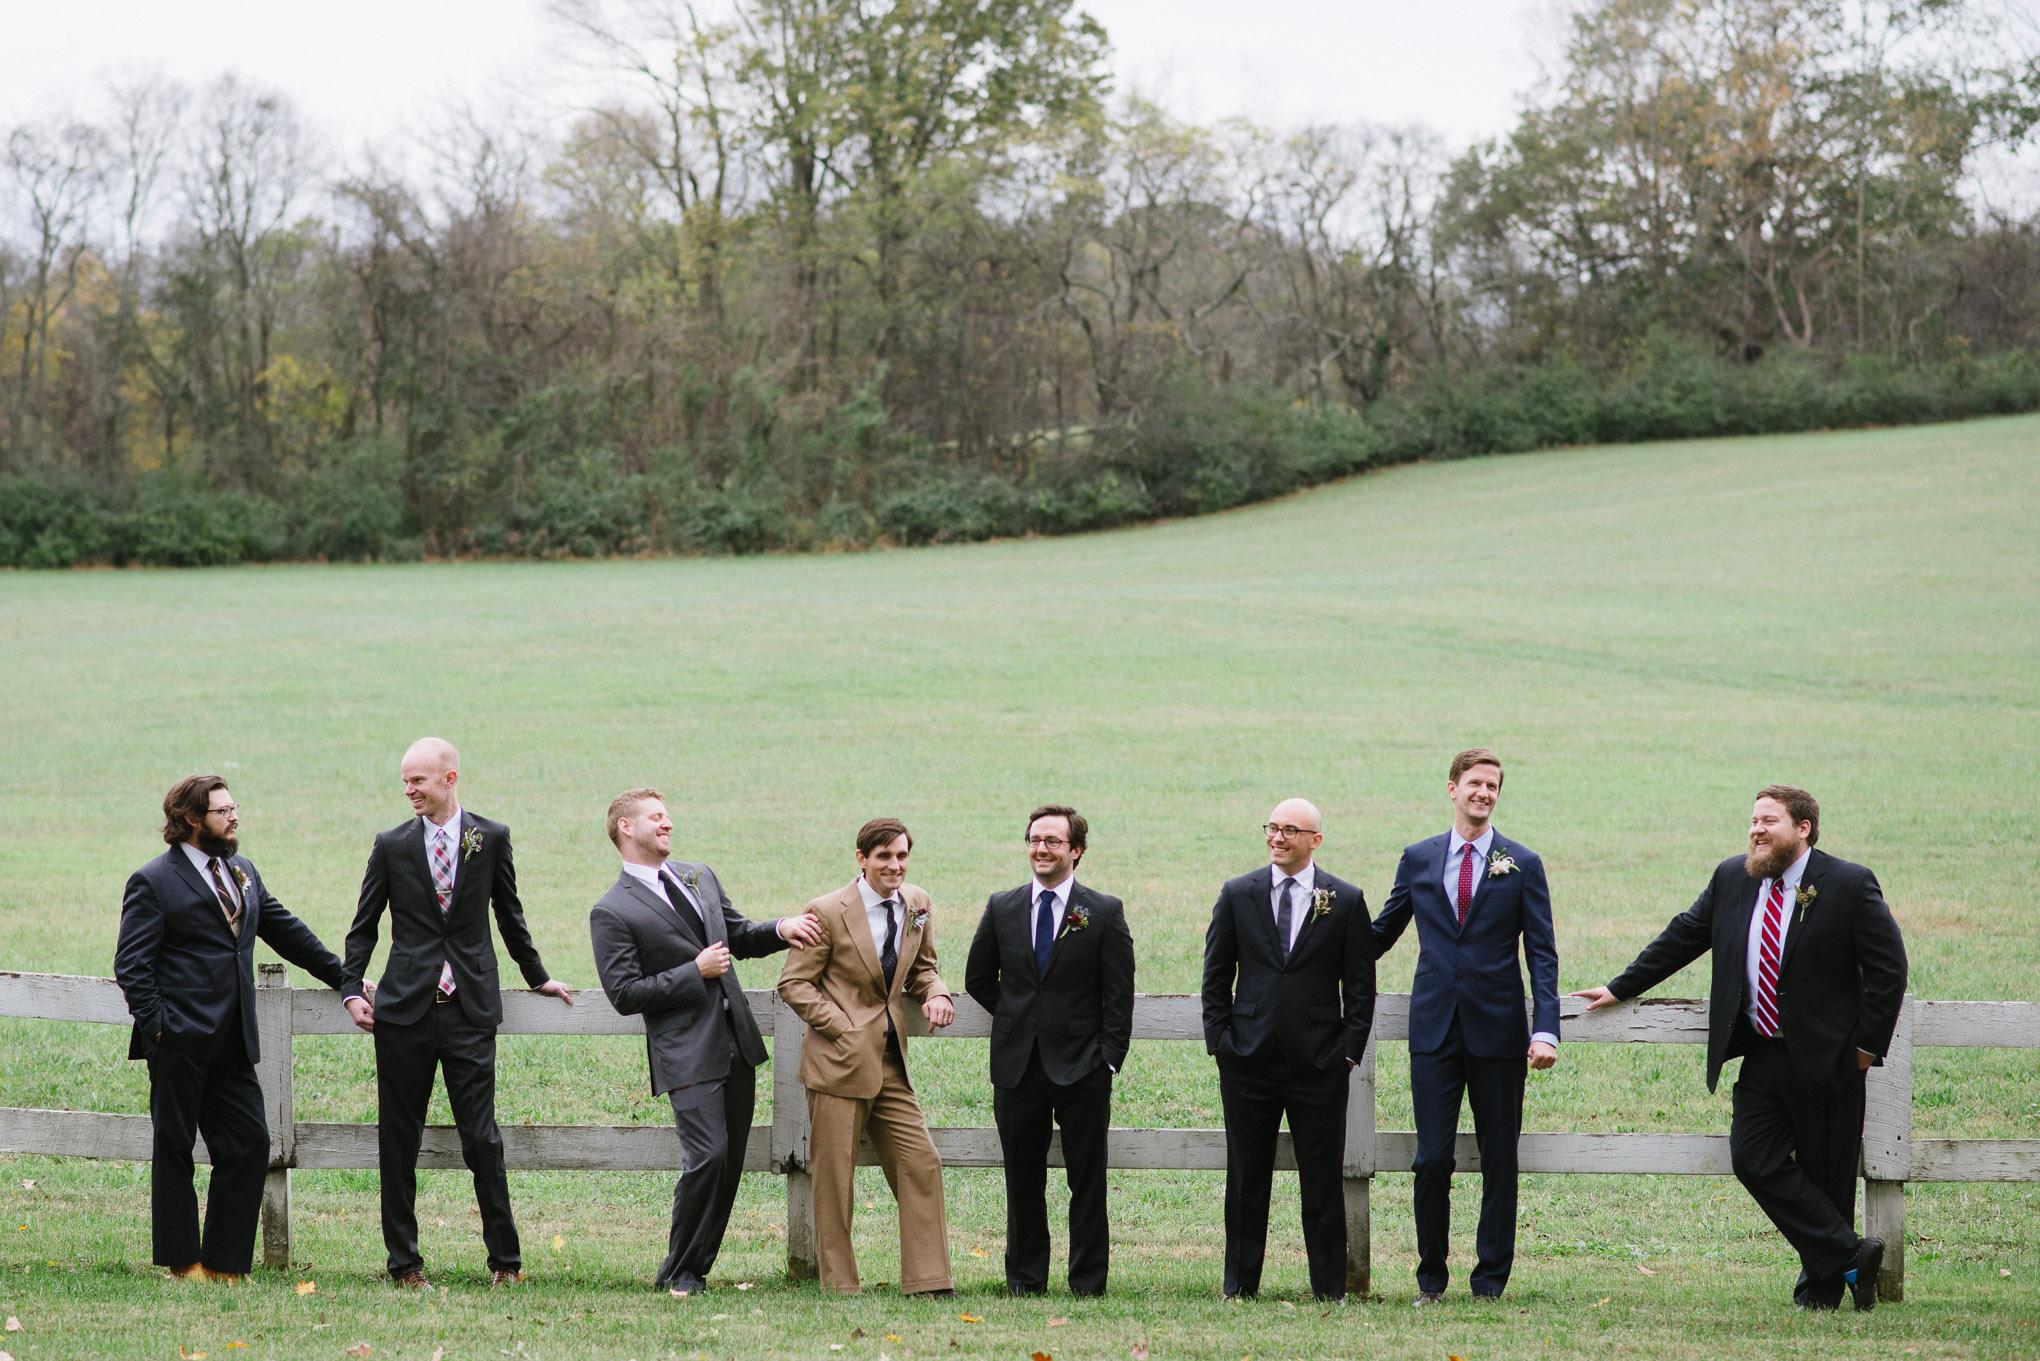 fun groomsmen poses celladora wedding photography